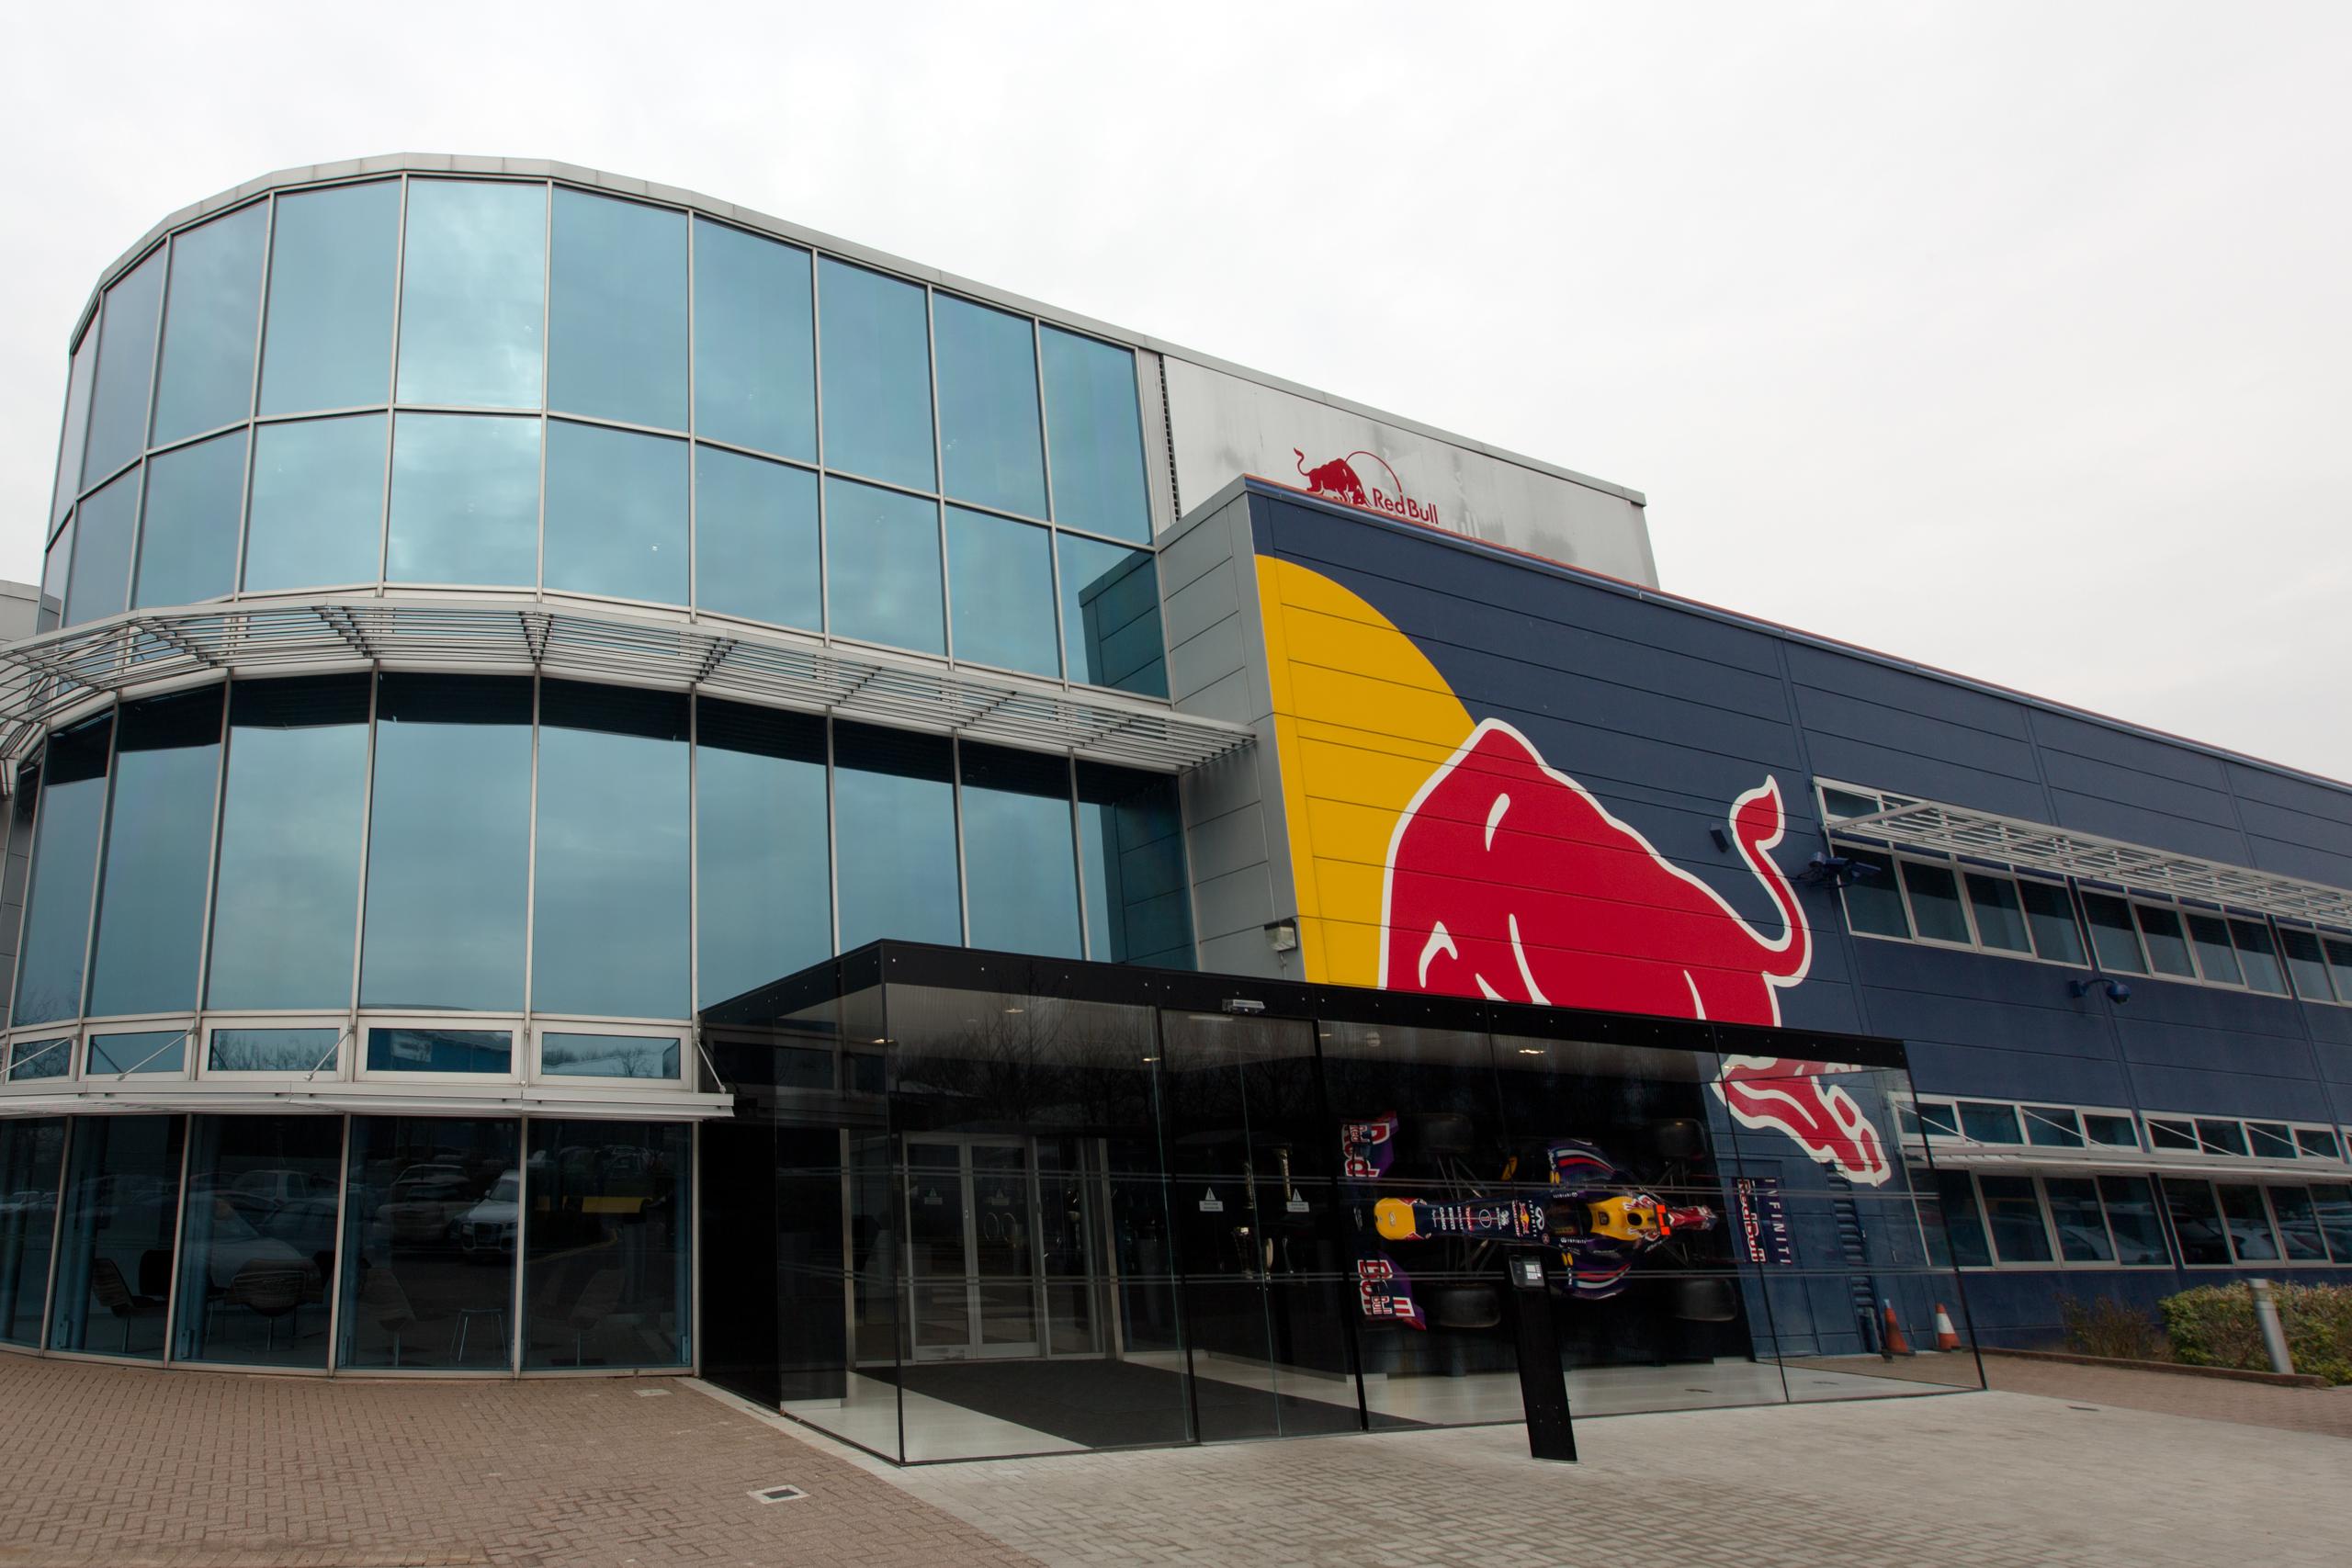 Red Bull Racing Experience – 1-daagse vliegreis – Uniek kijkje achter de schermen Red Bull Racing